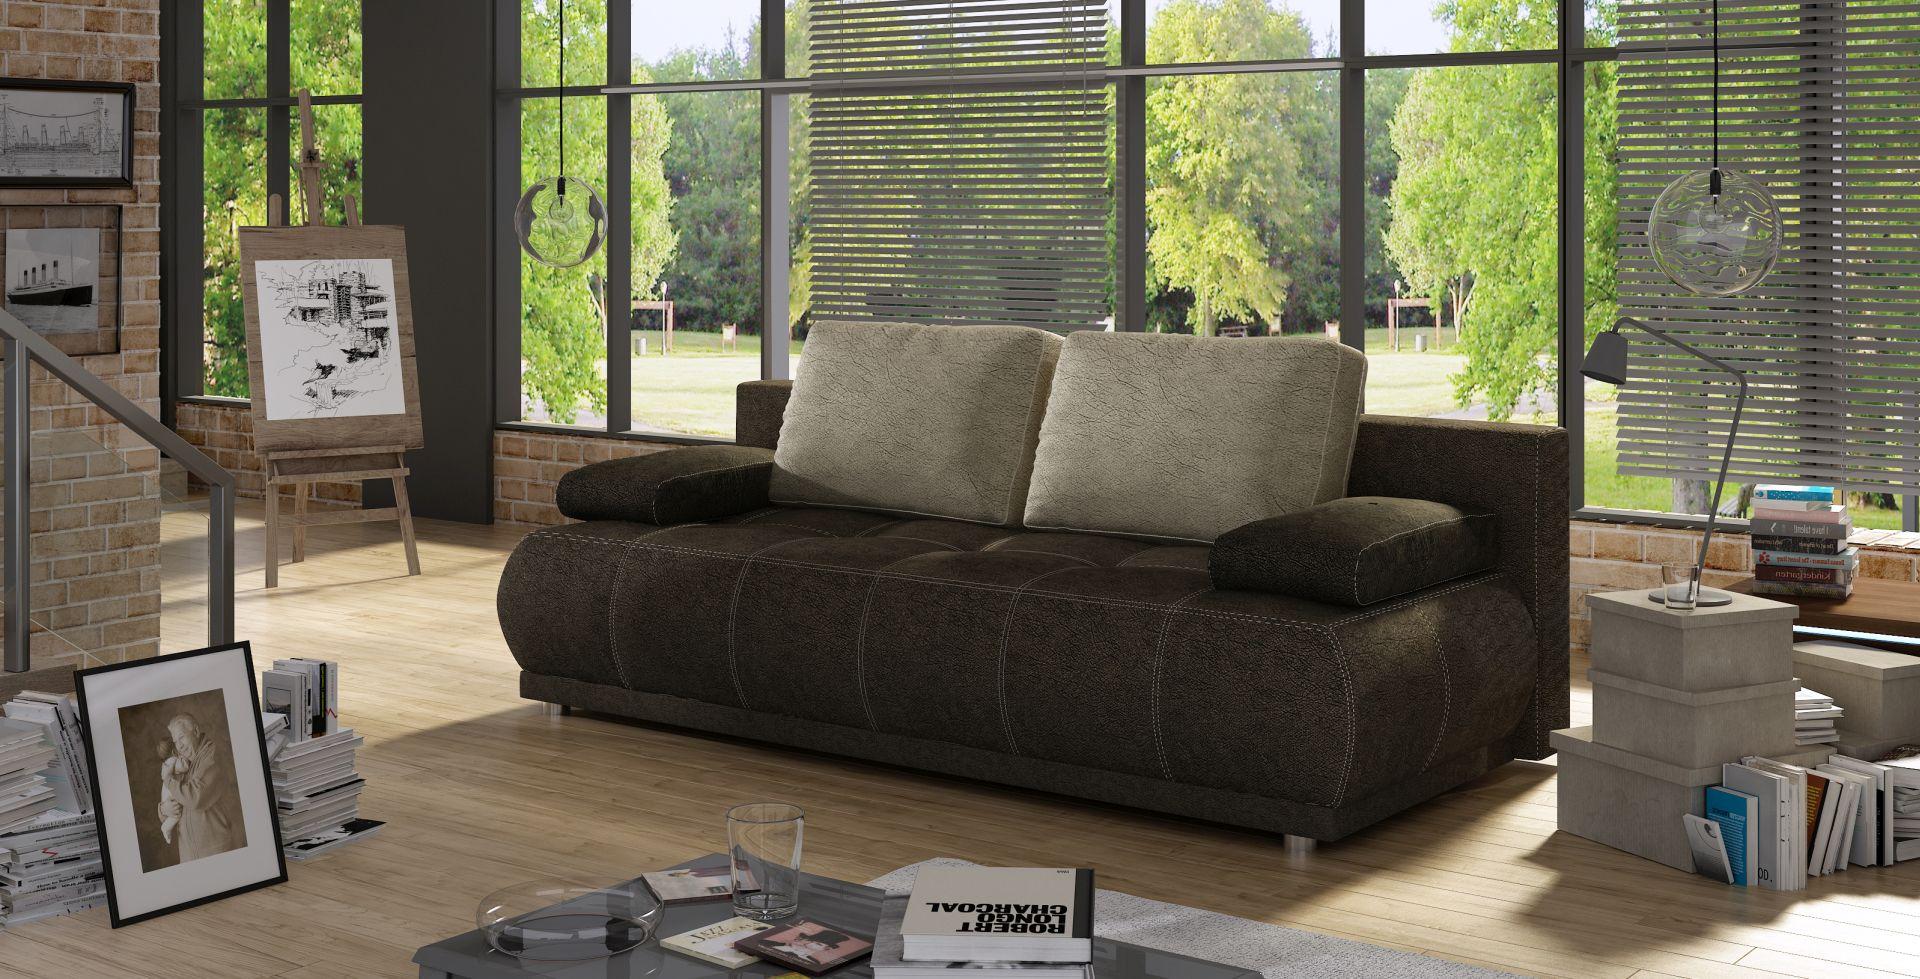 sofa schlafsofa designer 3 sitzer sofa mit bettfunktion bettkasten couch neu sonic www. Black Bedroom Furniture Sets. Home Design Ideas